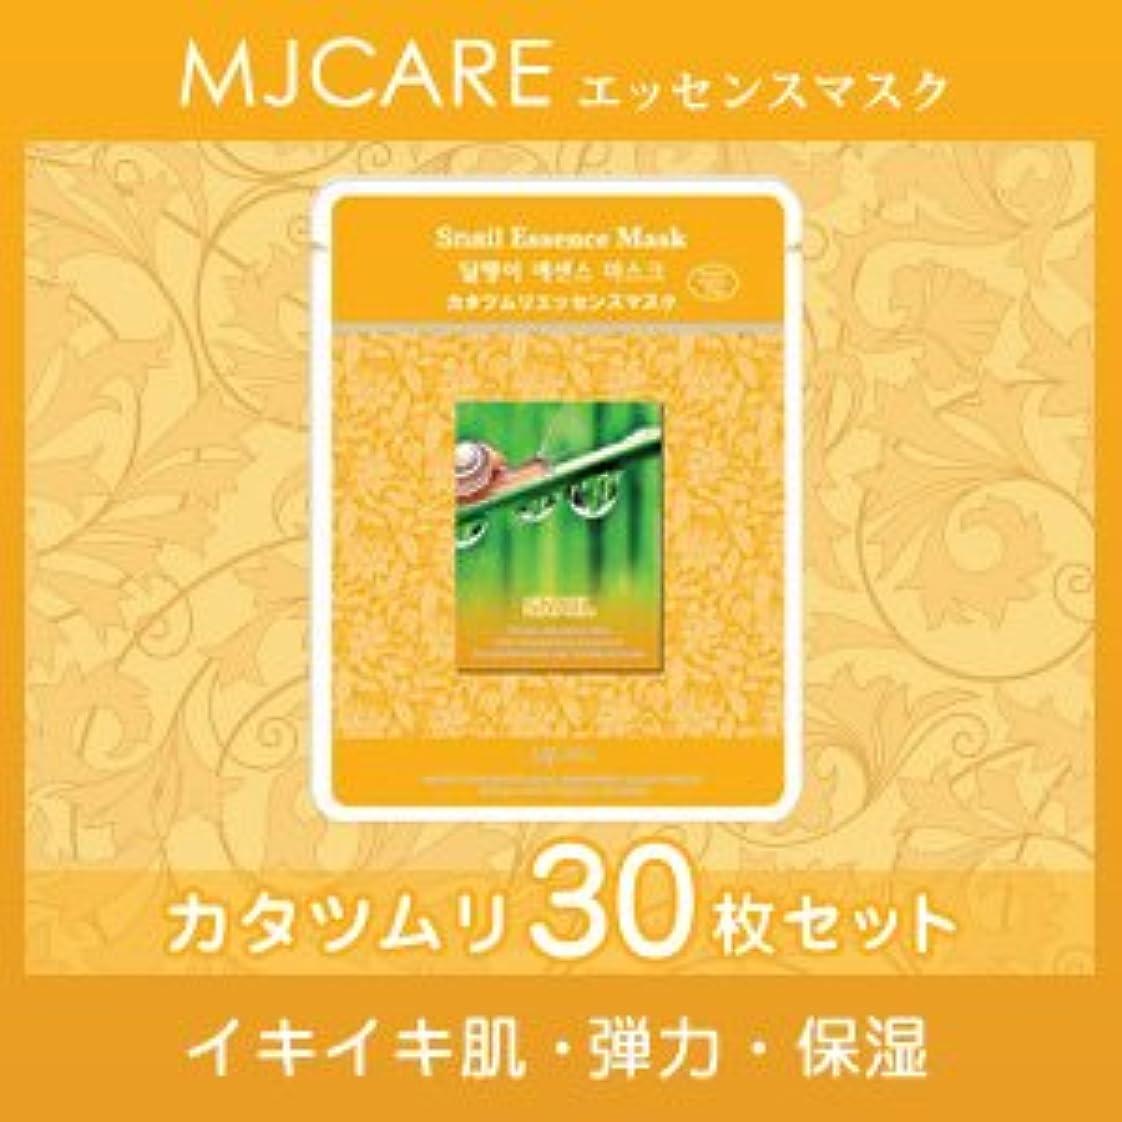 口掻く買うMJCARE (エムジェイケア) かたつむり エッセンスマスク 30セット